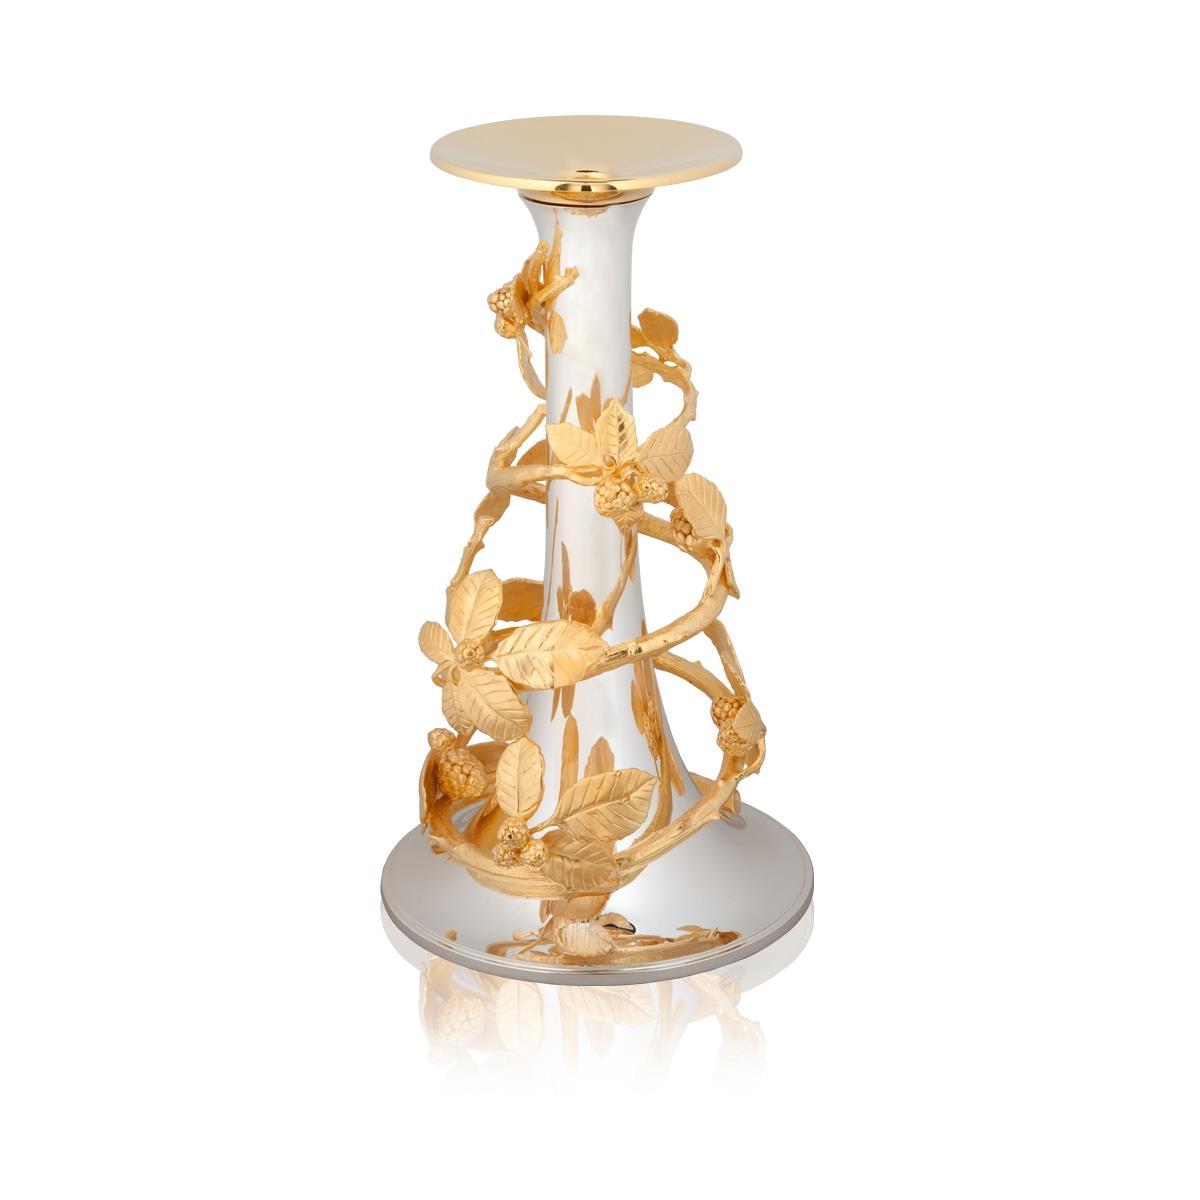 Gold Berry Candle Holder - на 360.ru: цены, описание, характеристики, где купить в Москве.